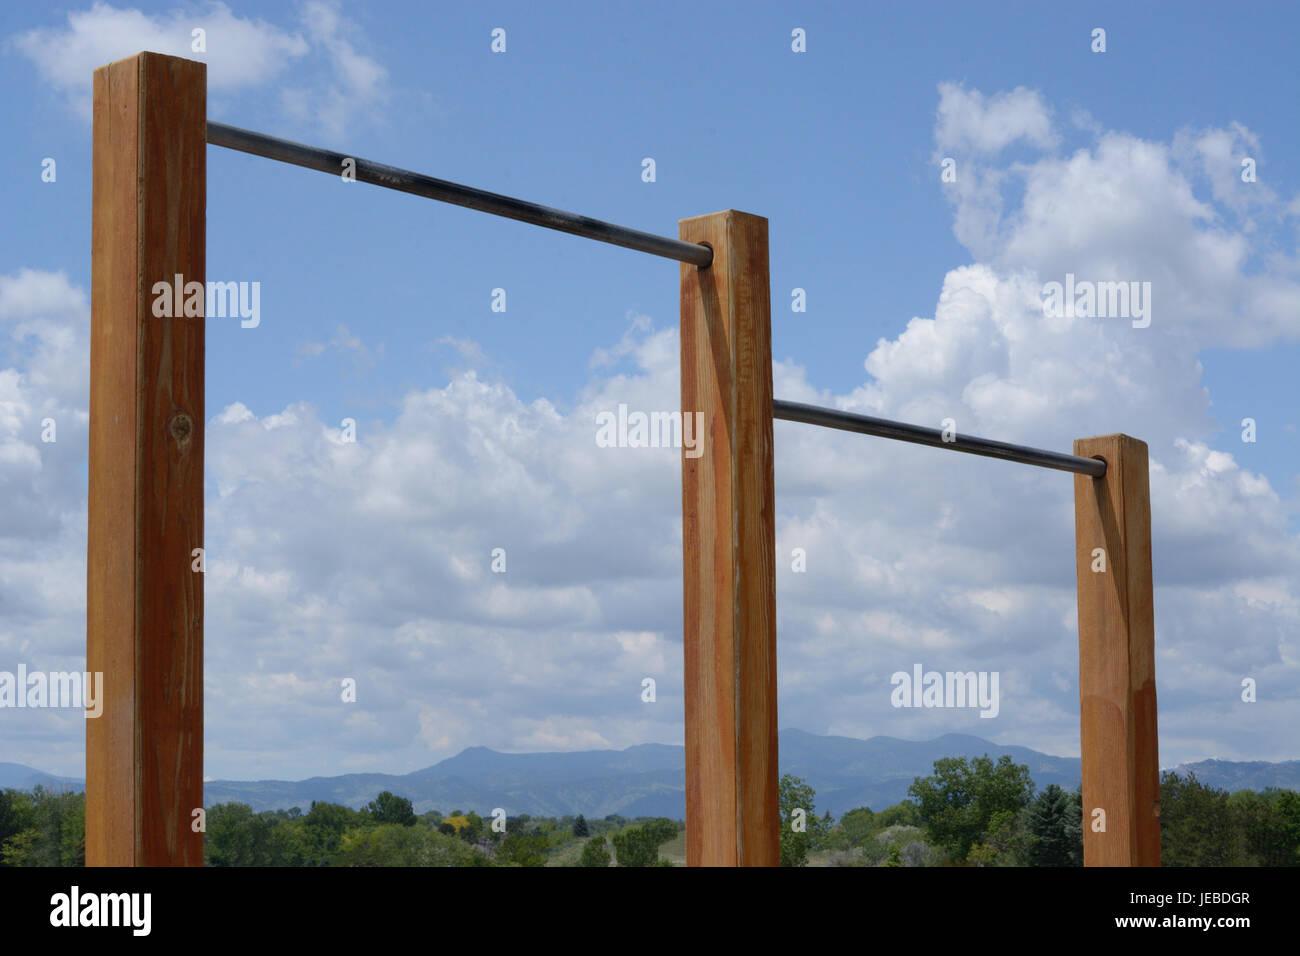 Circuito exterior el mentón hasta bares con montañas rocosas y sky en segundo plano. Imagen De Stock